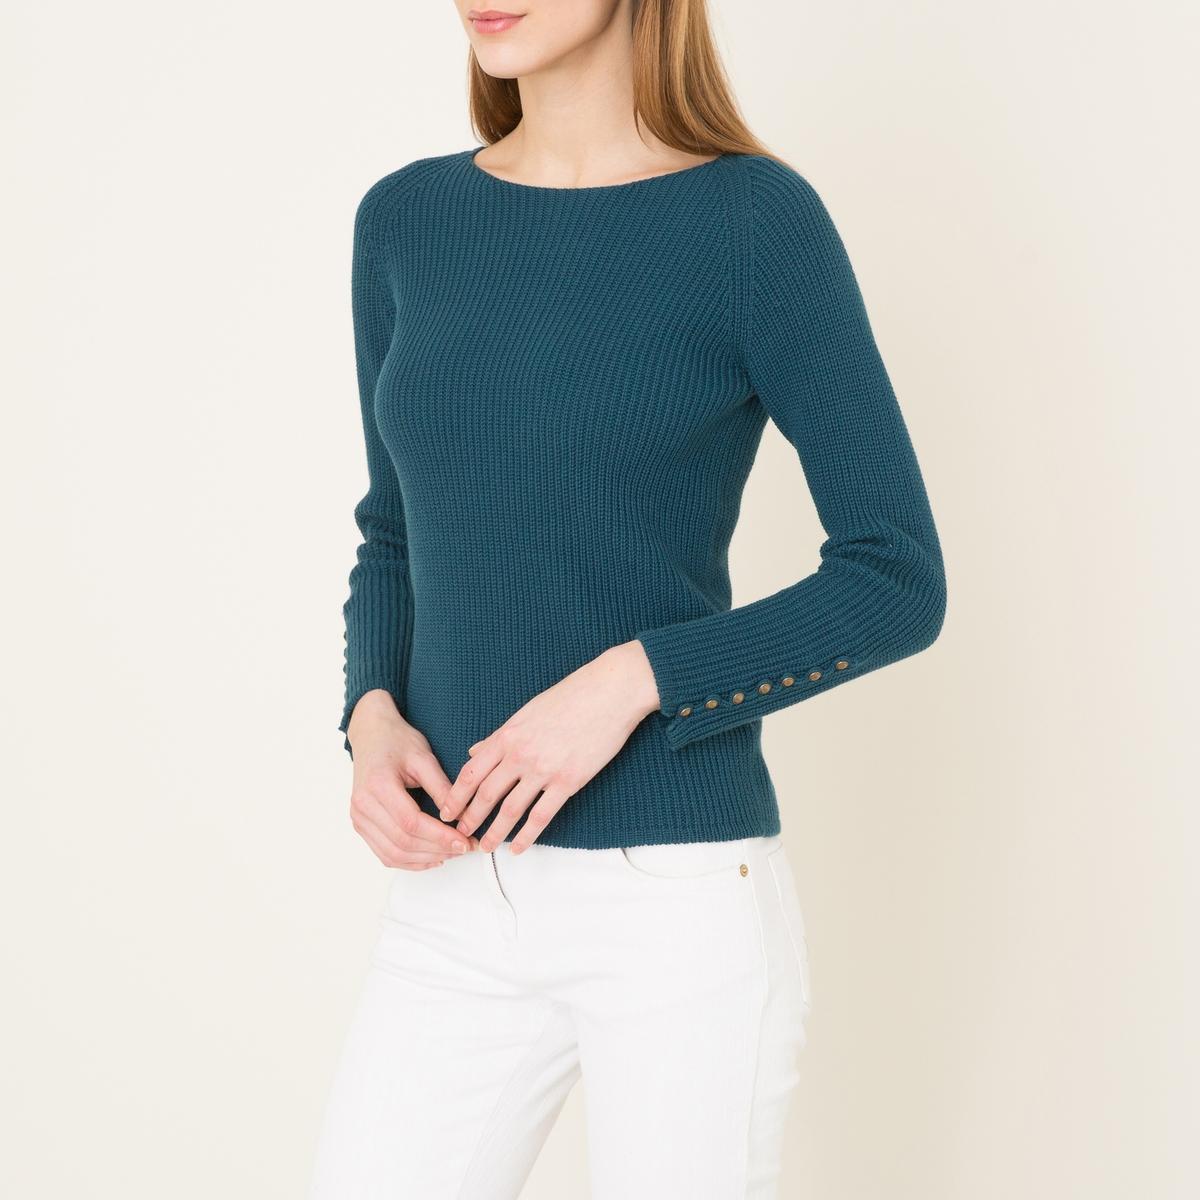 Пуловер BIWAПуловер SESSUN - модель BIWA из 90% хлопка, 10% кашемира. Вырез-лодочка. Трикотаж в рубчик. Рукава на пуговицах.Состав и описание   Материал : 90% хлопка, 10% кашемира    Марка :  SESSUN<br><br>Цвет: сине-зеленый